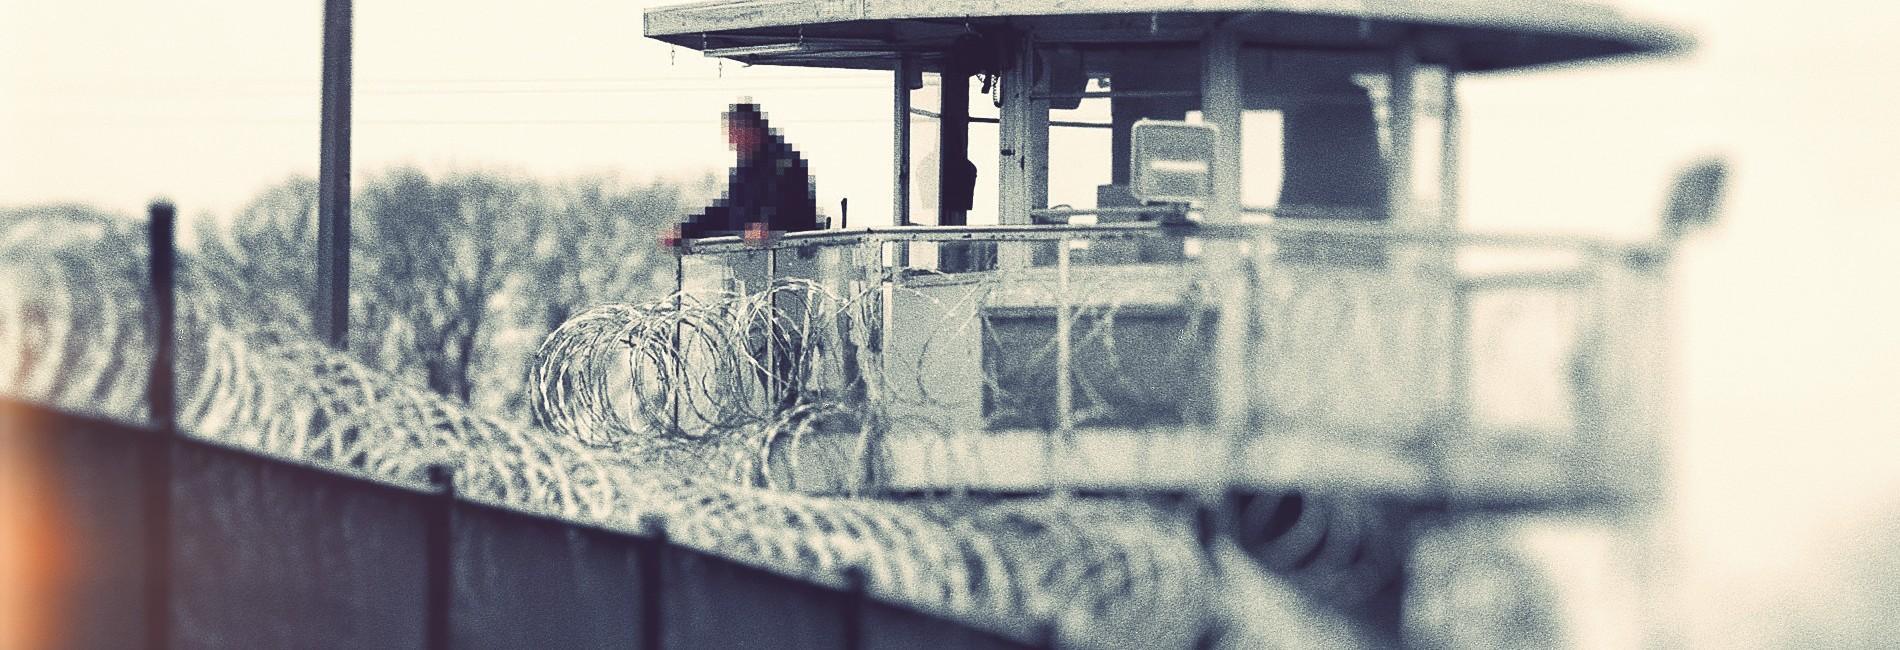 Anonymous PA Prison Guard